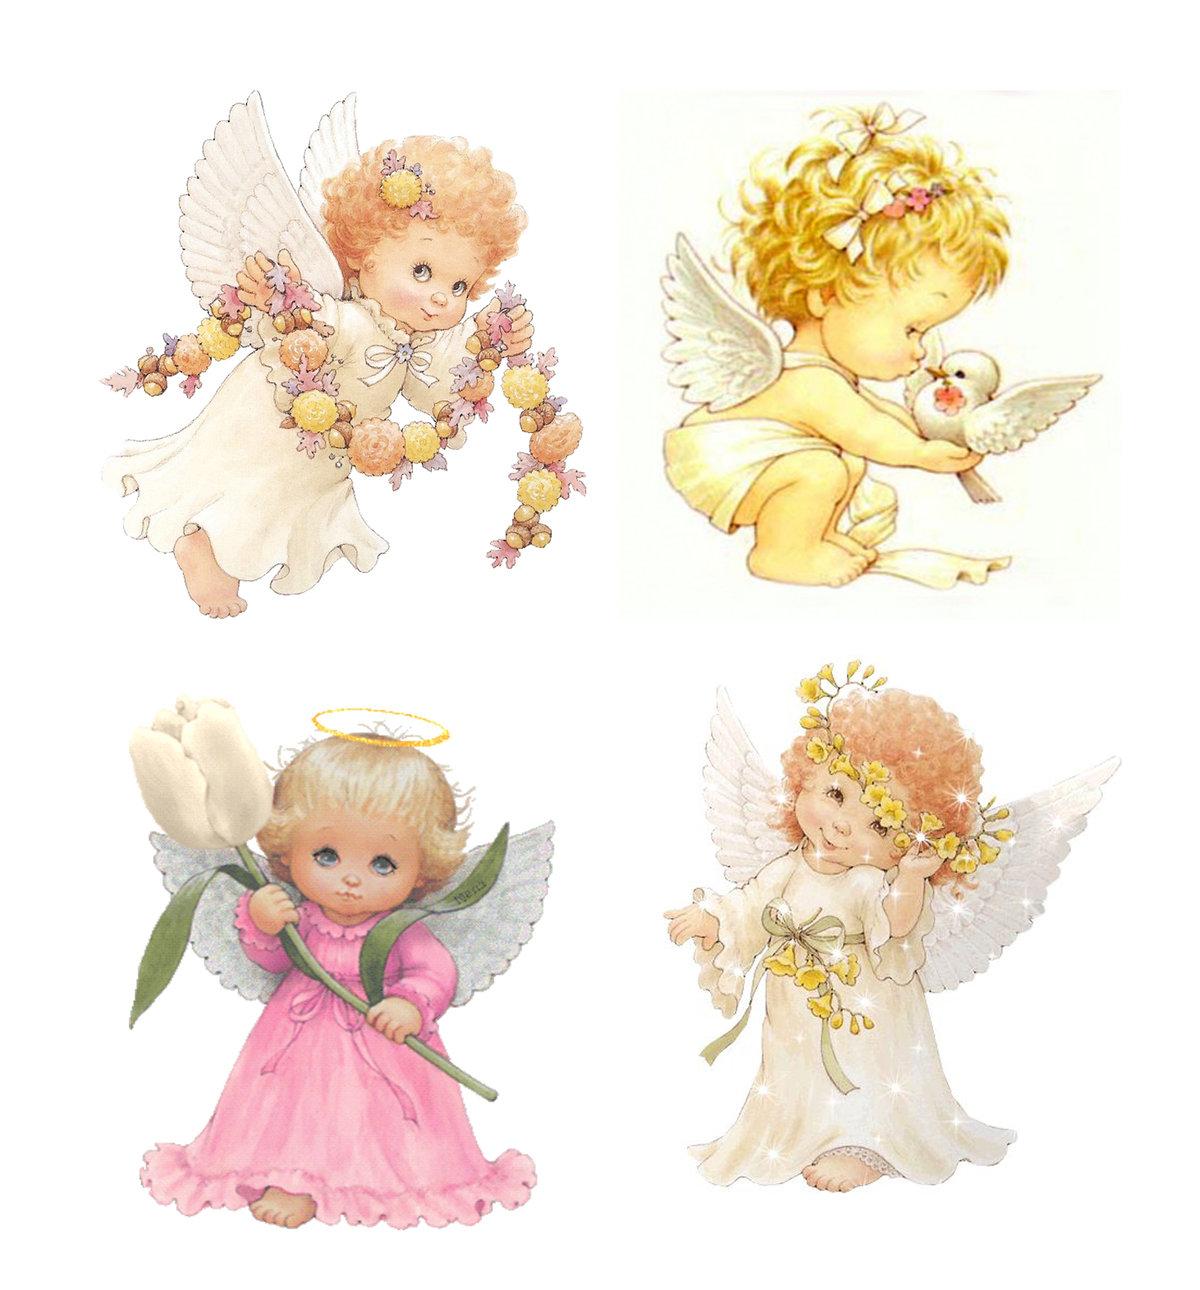 Поздравлениями мужчине, картинки с ангелочками детьми хорошего качества